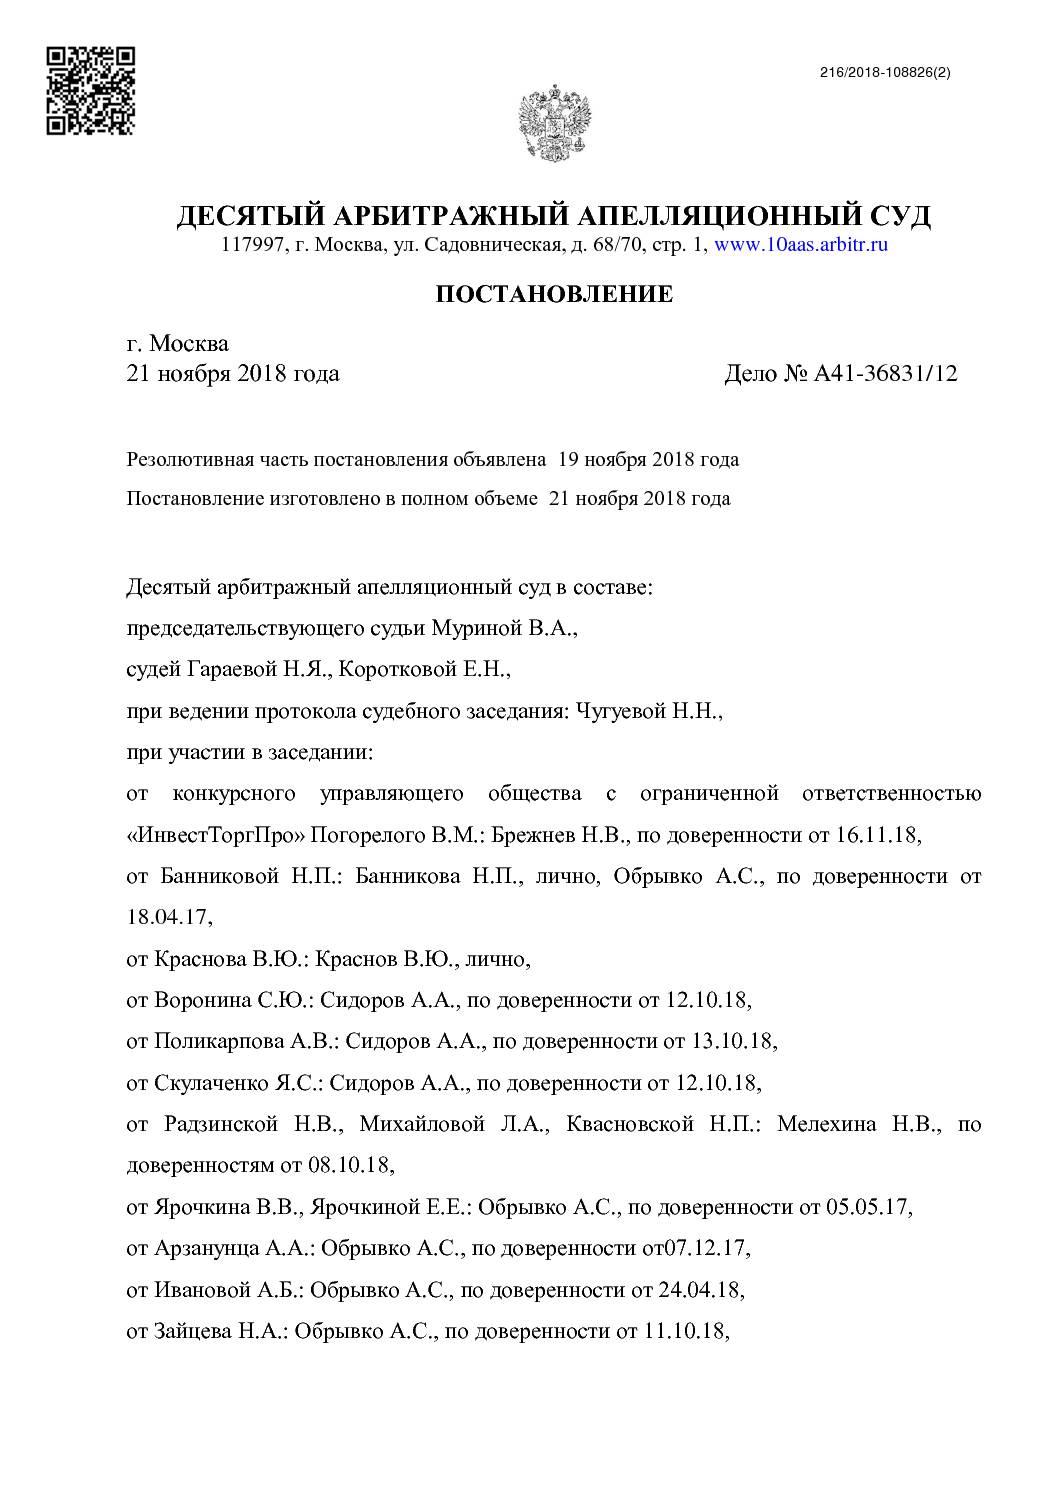 Постановление Десятого Арбитражного апелляционного суда от 21.11.2018